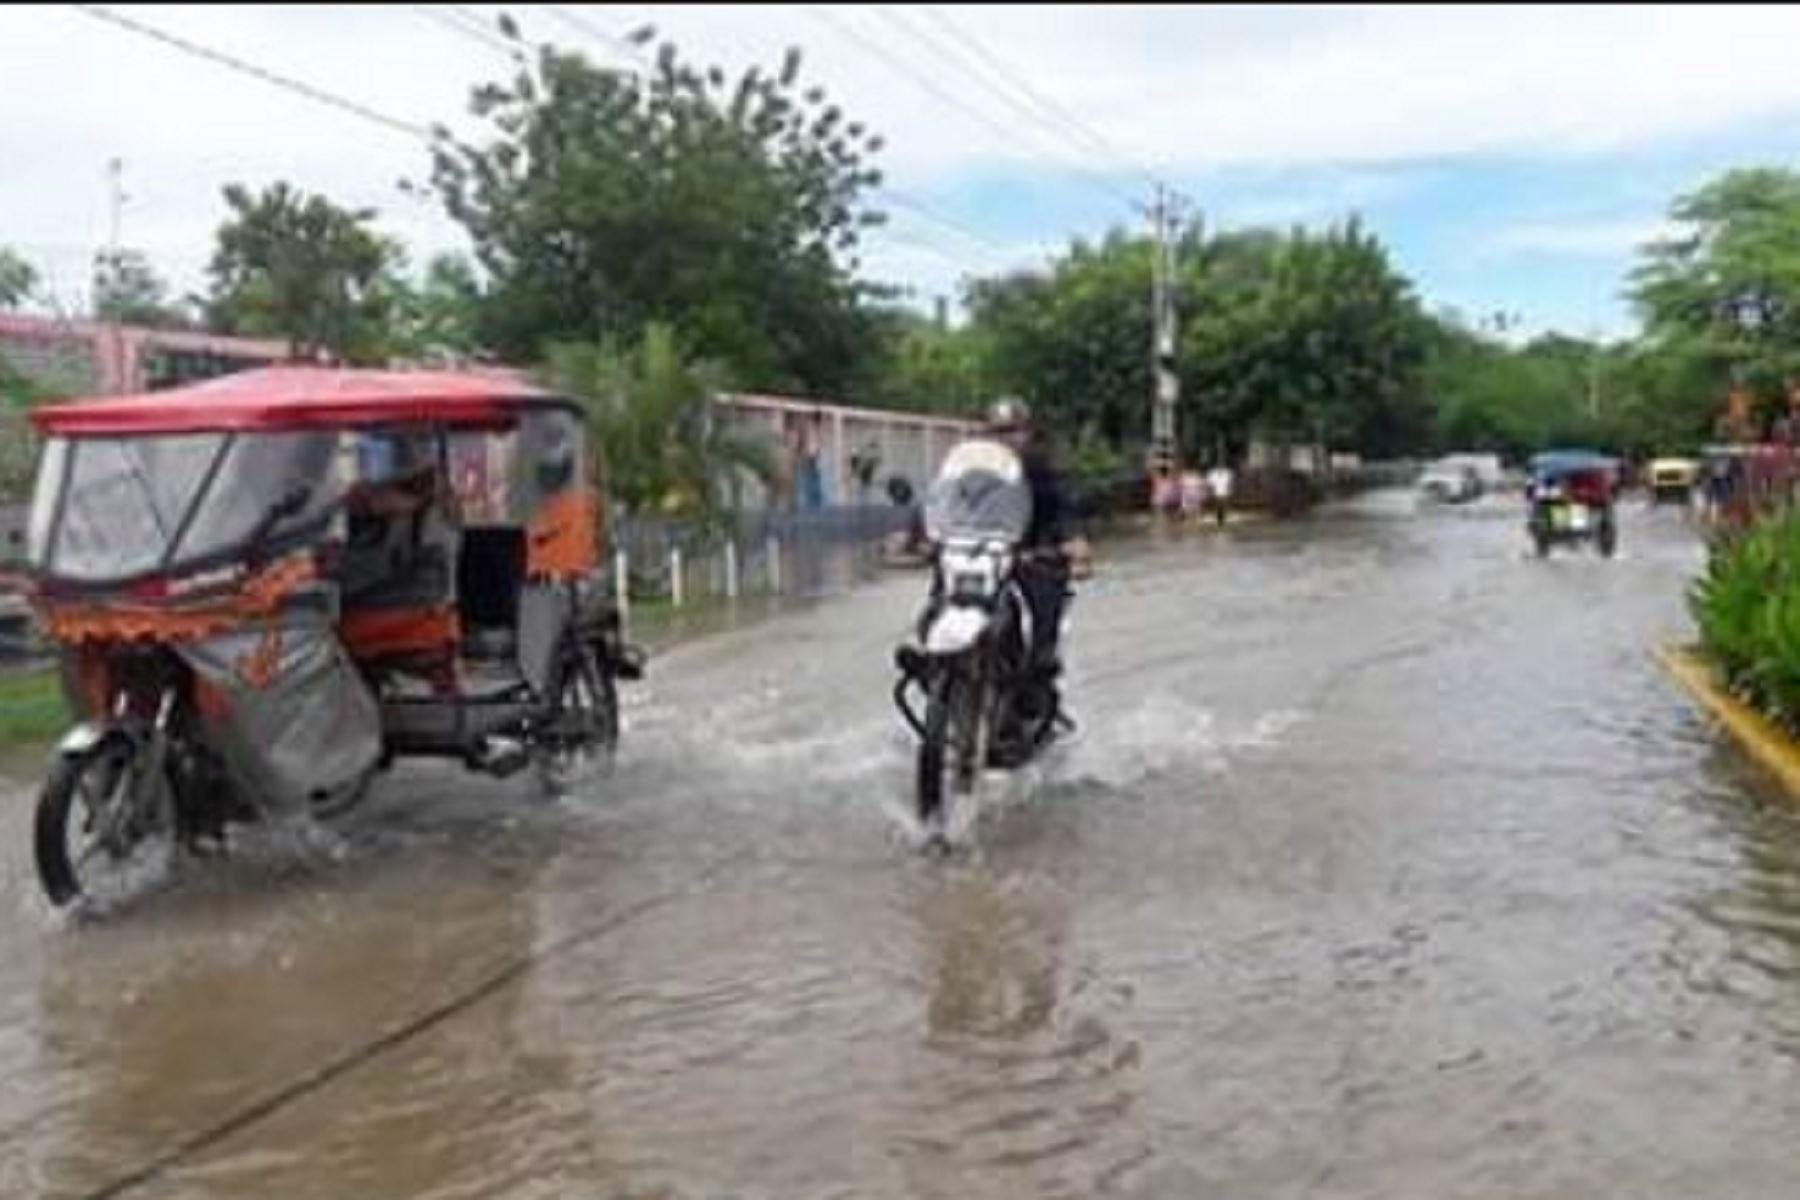 LLuvias afectarían las regiones de Huánuco, Loreto, San Martín, Pasco, Junín, Ucayali, Cusco y Madre de Dios.